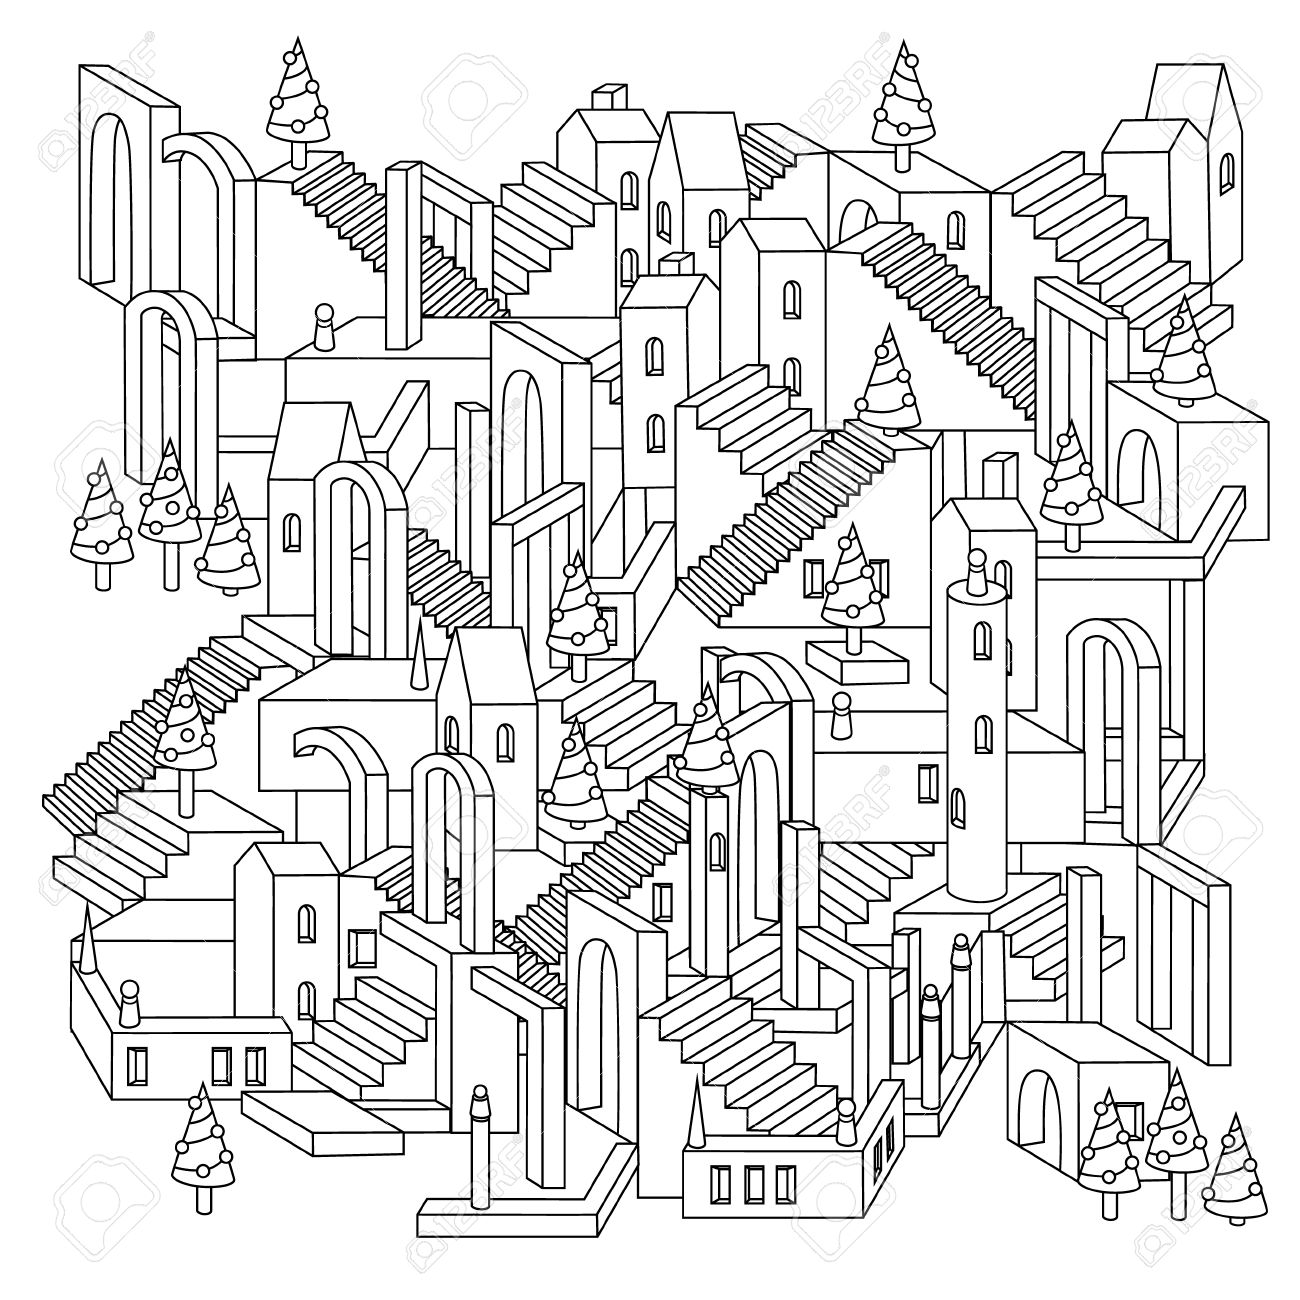 Ausgezeichnet Stadt Gebäude Malvorlagen Zeitgenössisch - Framing ...